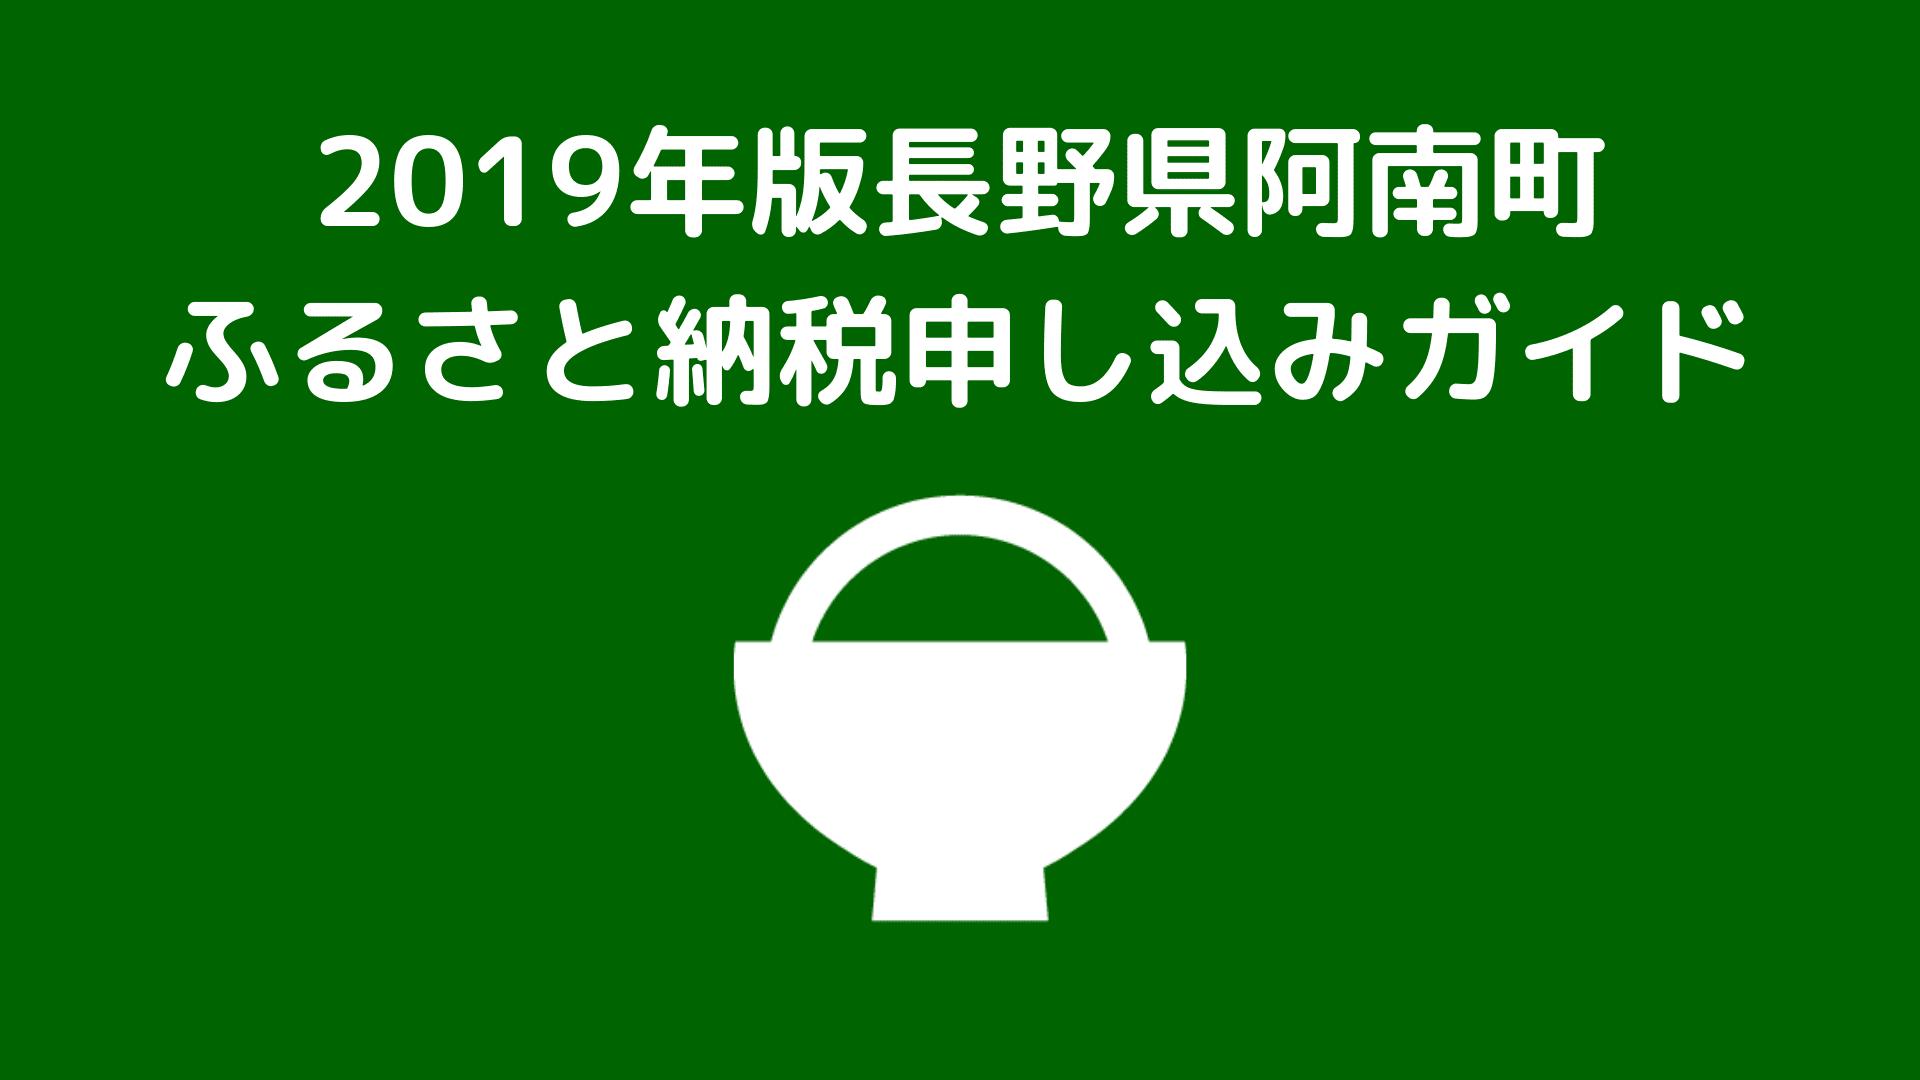 2019年版長野県阿南町ふるさと納税申し込みガイド